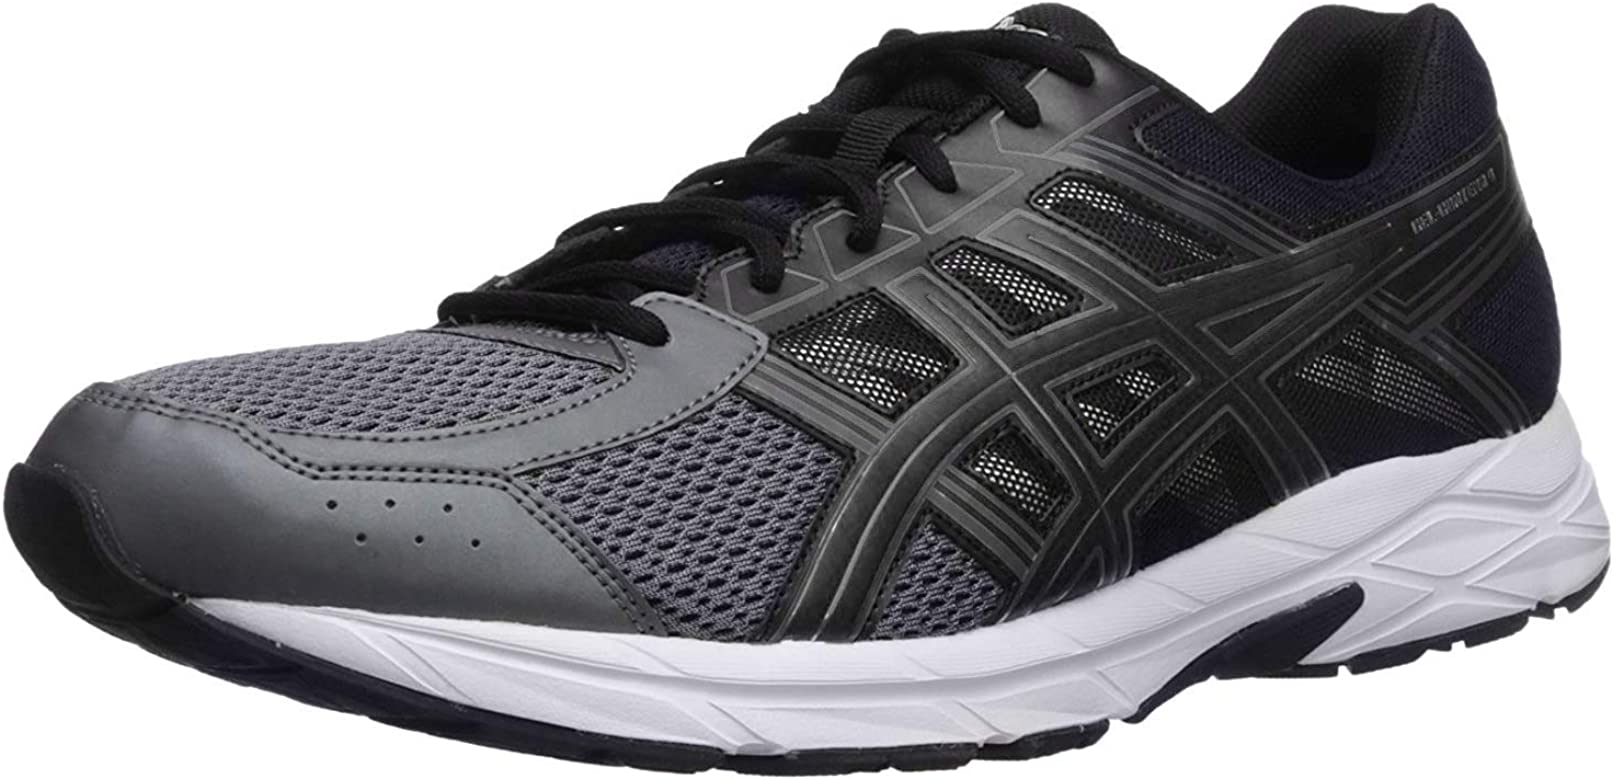 Asics Running Gel Contend 4, Zapatillas de Deporte para Hombre, Gris (Carbon/Silver/Rose Shocking Orange 9793), 44.5 EU: Amazon.es: Zapatos y complementos